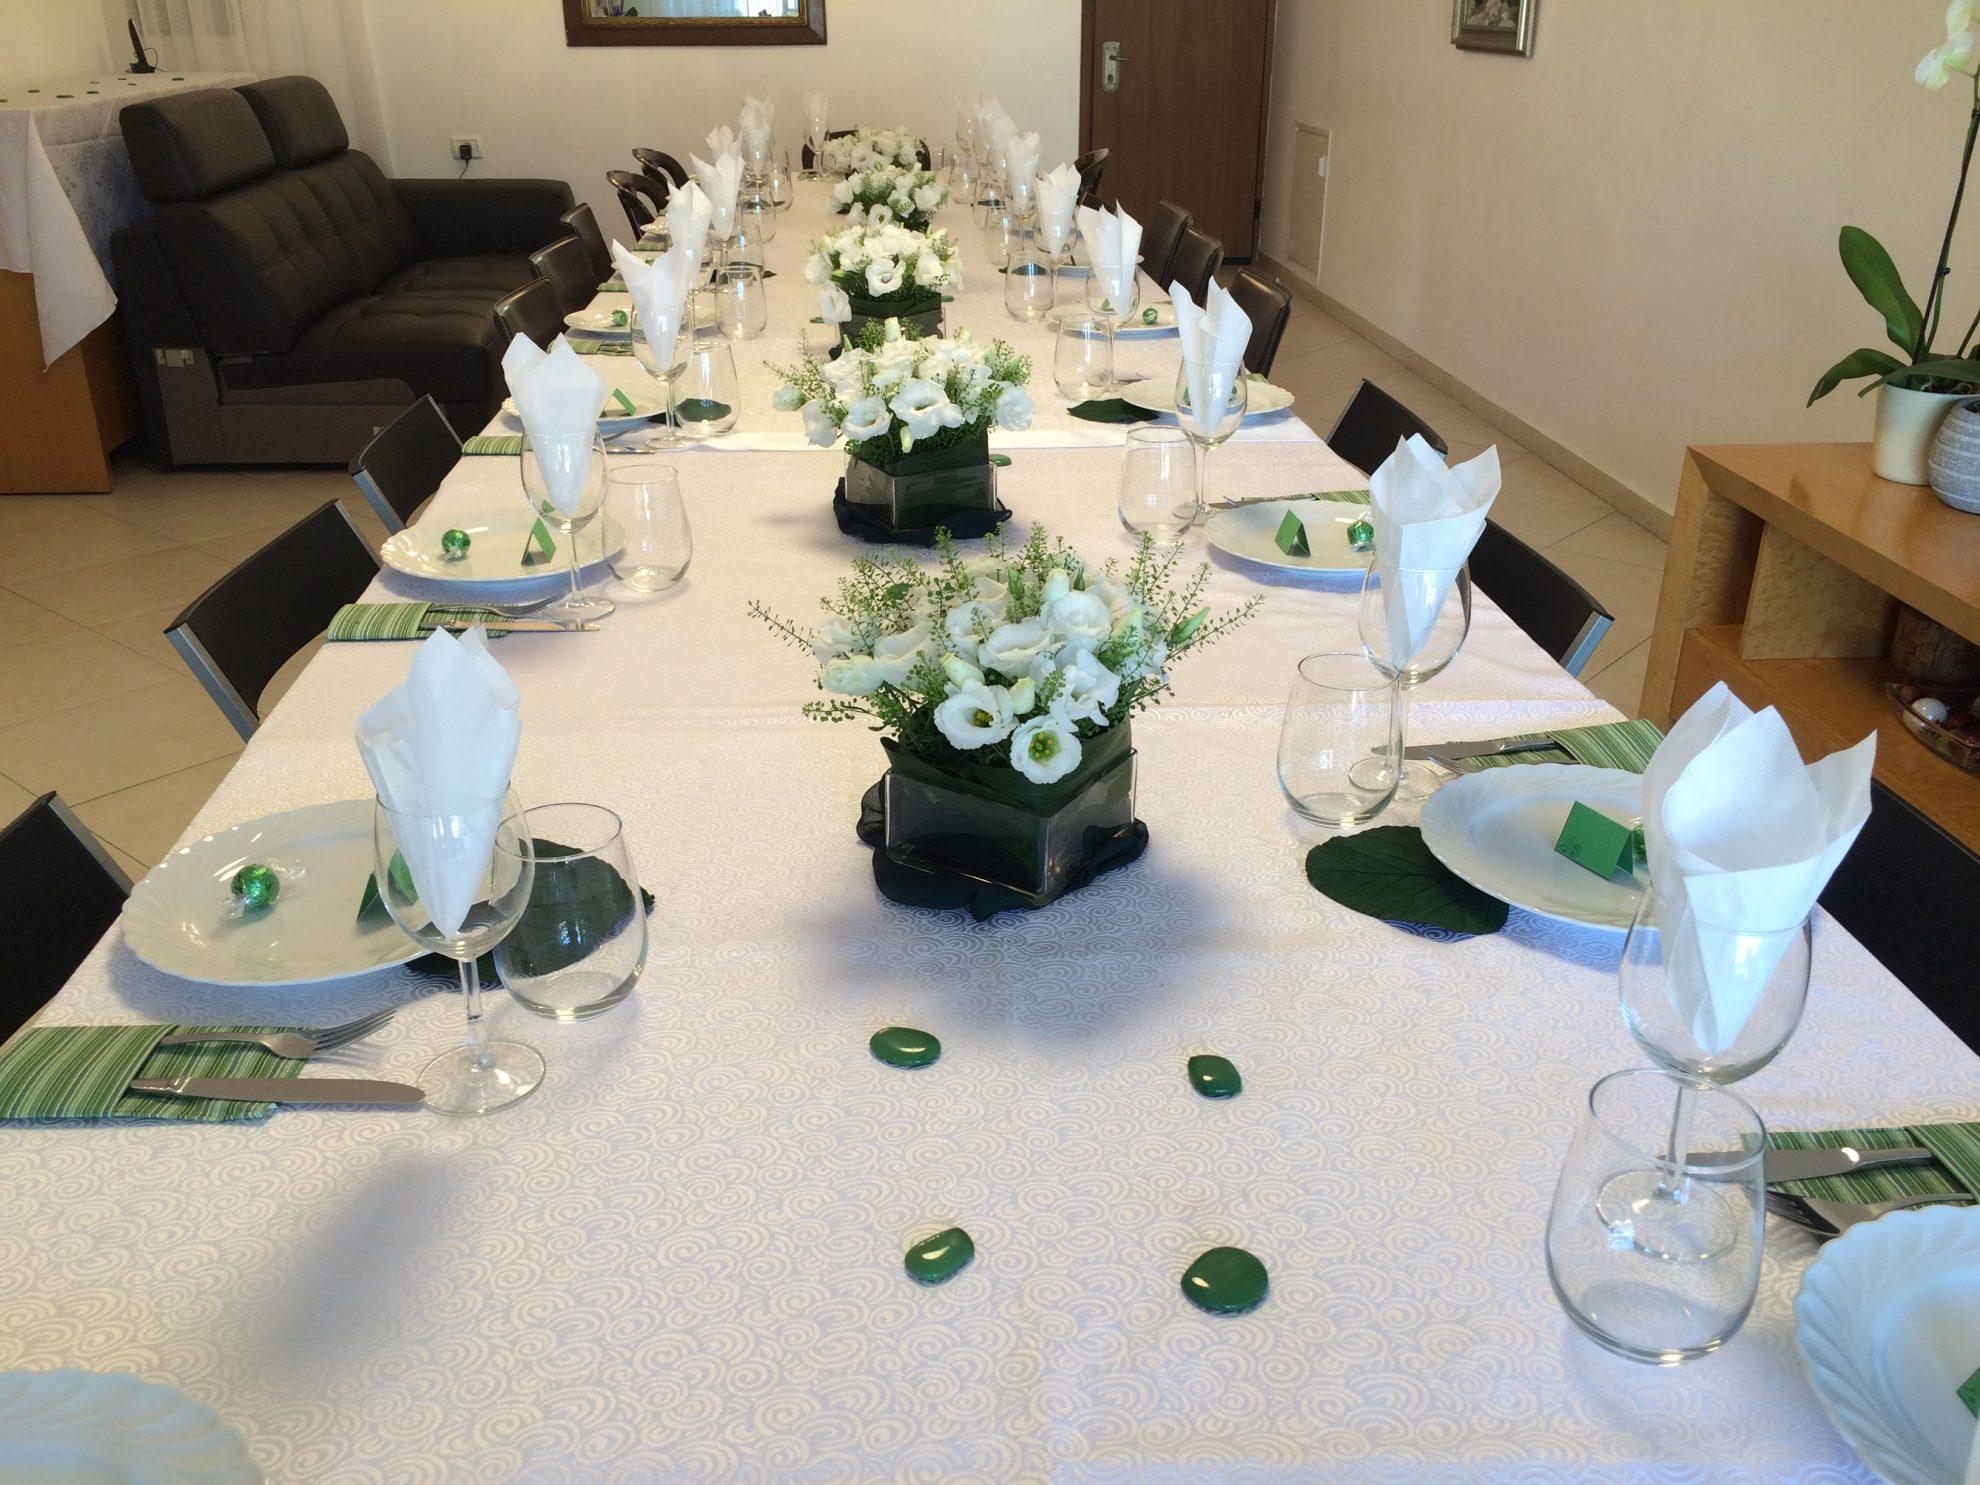 קייטרינג לאירועים בבית – אוכל, נוחות ושמחה